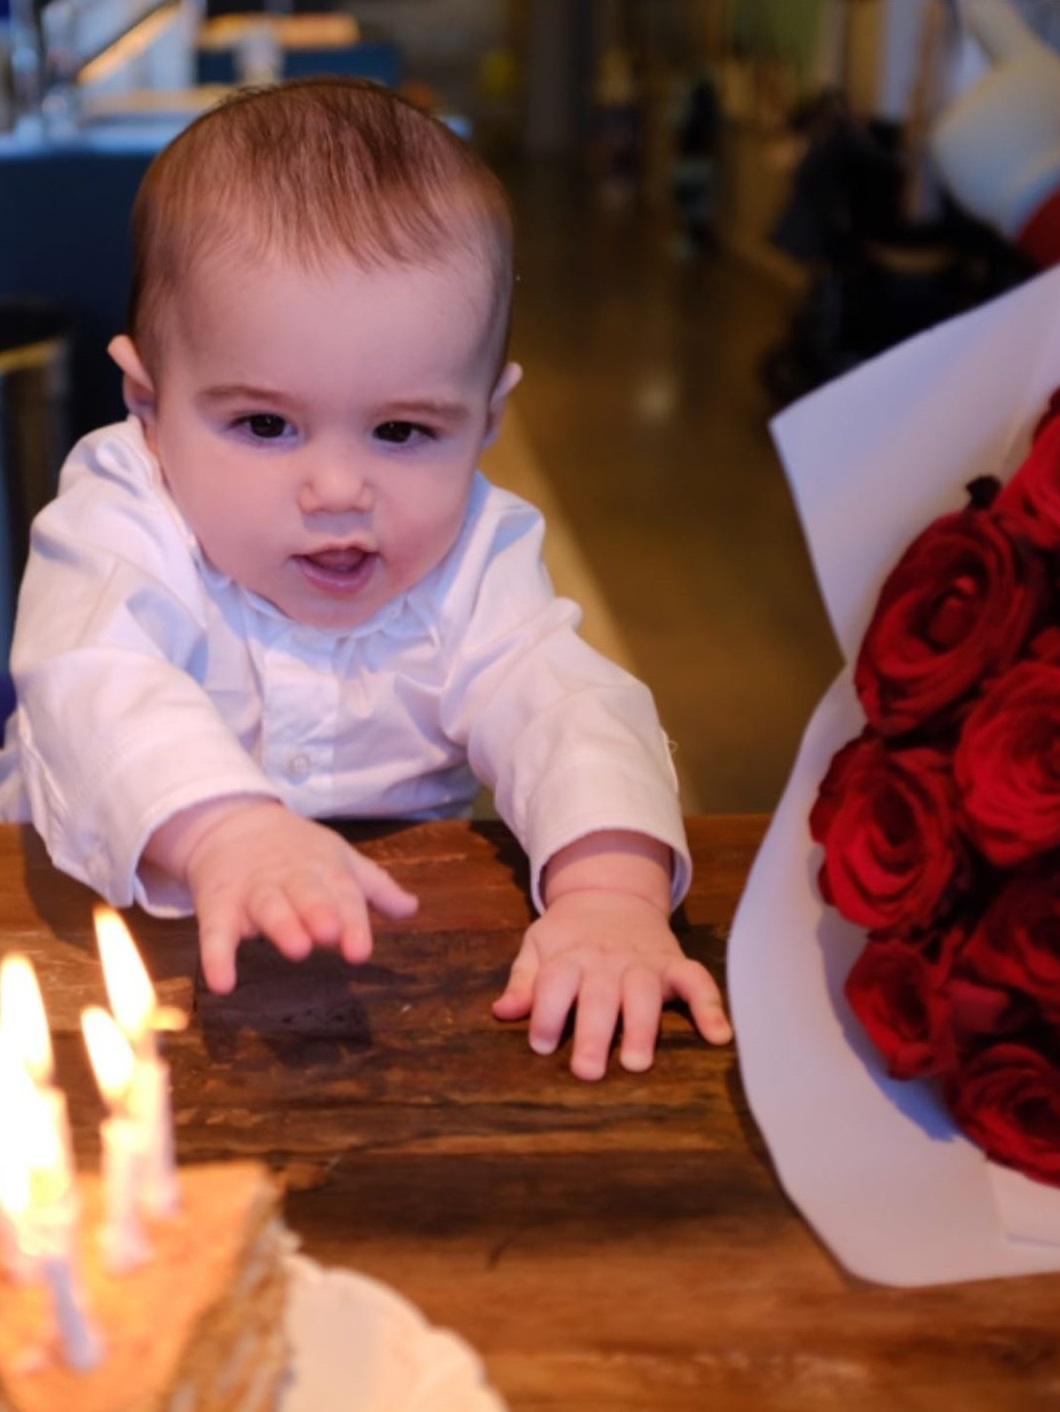 Анастасия Решетова отказалась от идеи делать сыну прививки